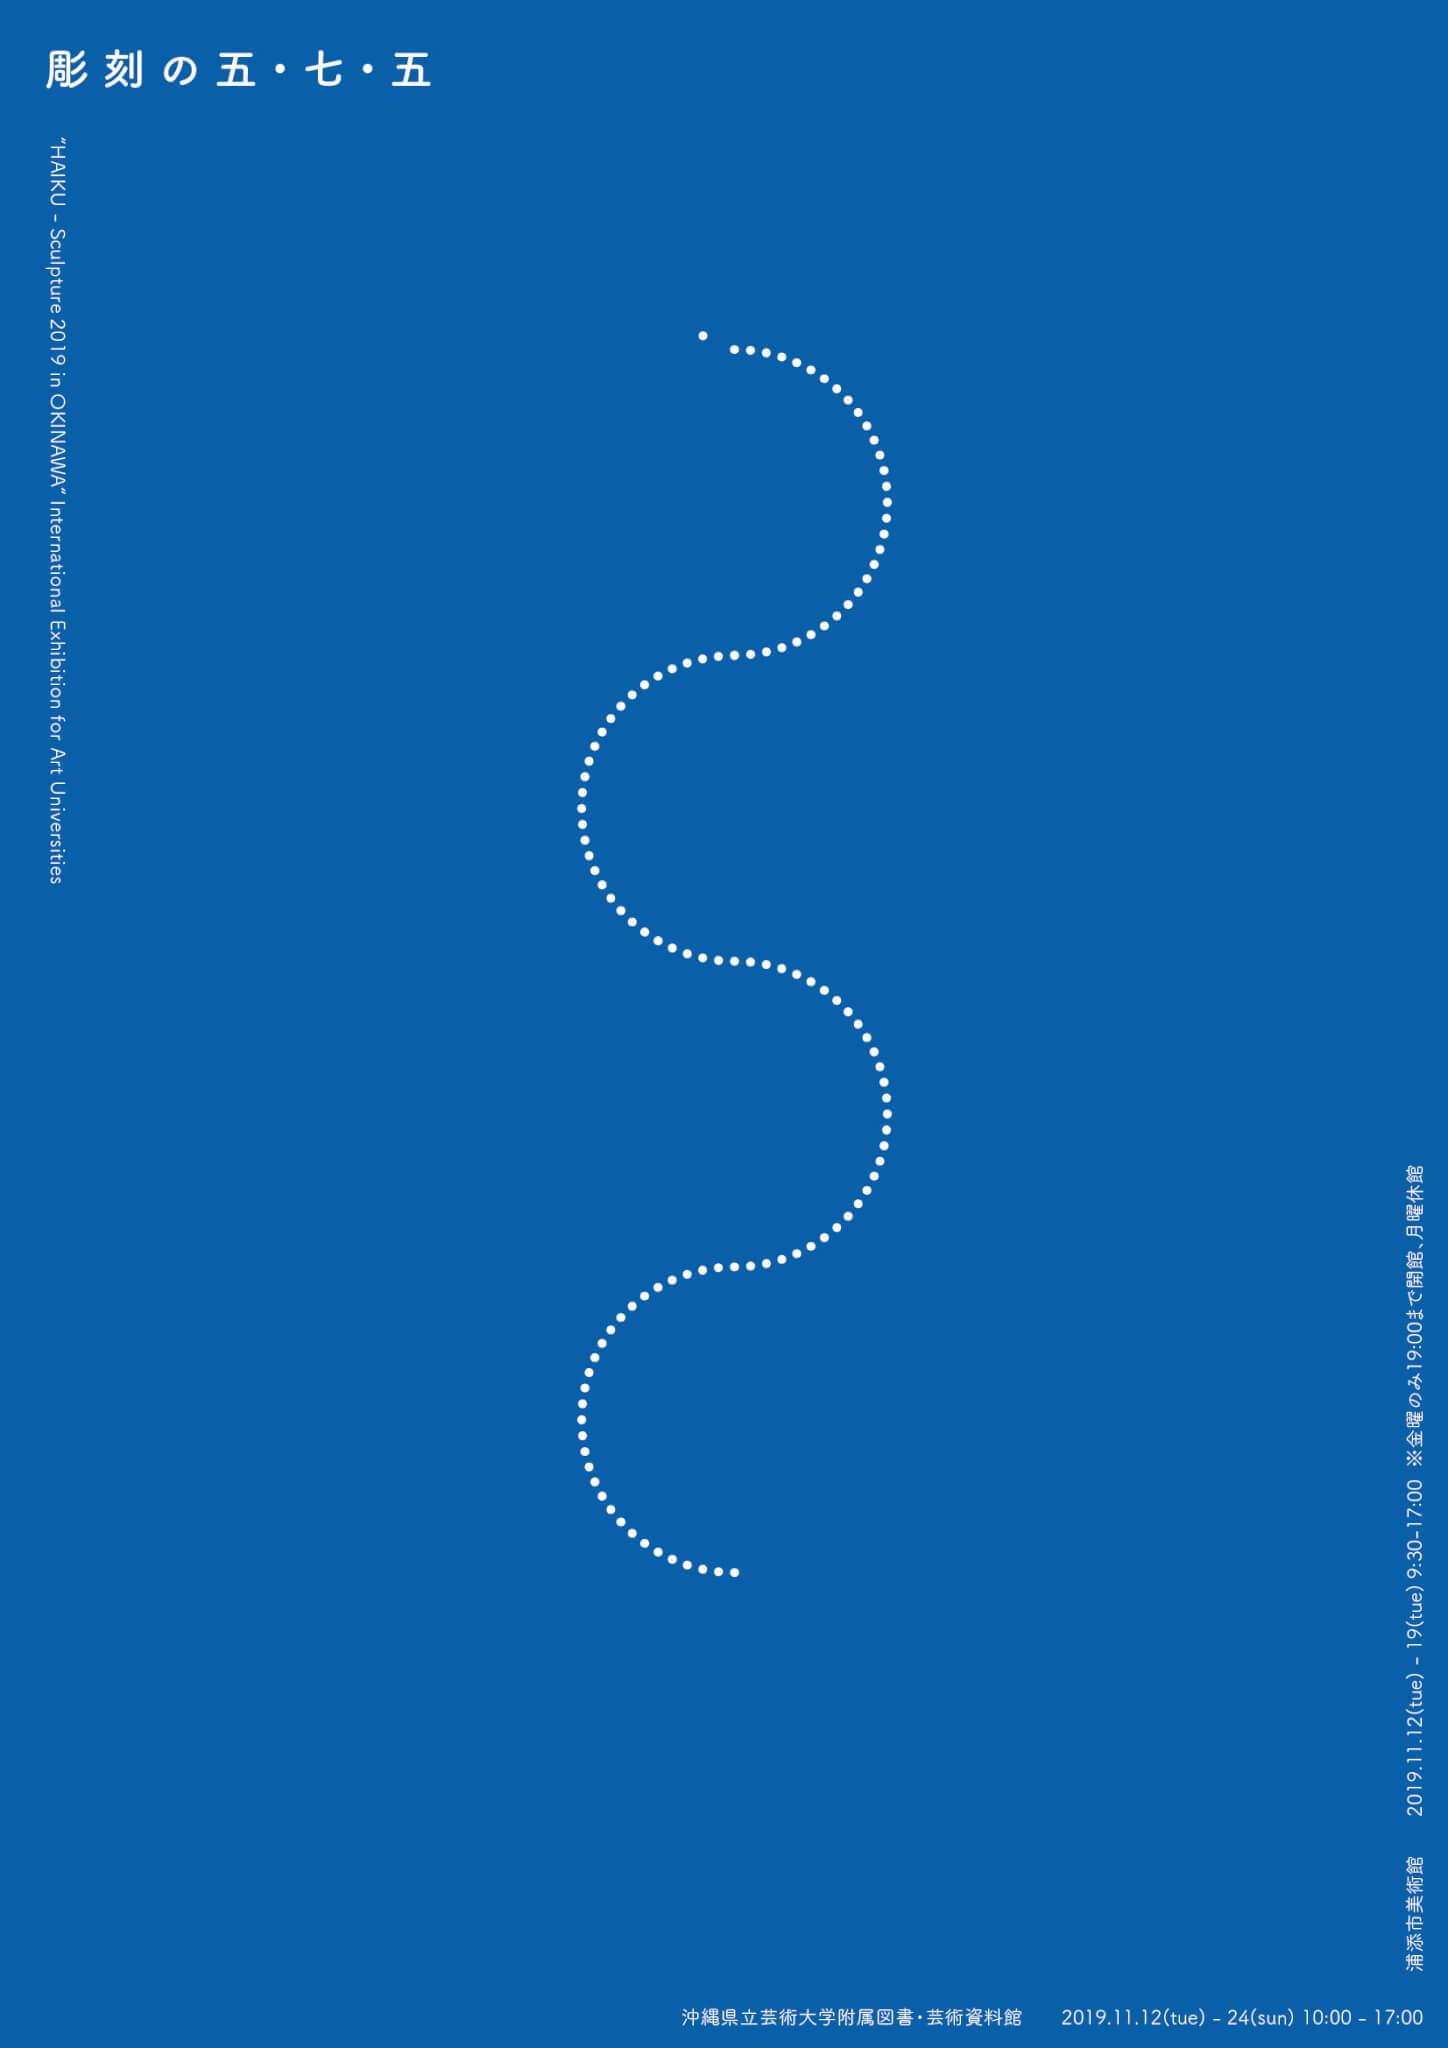 """[フライヤー]彫刻の五・七・五 """"HAIKU-Sculpture2019 in OKINAWA""""International Exhibition for Art Universities"""